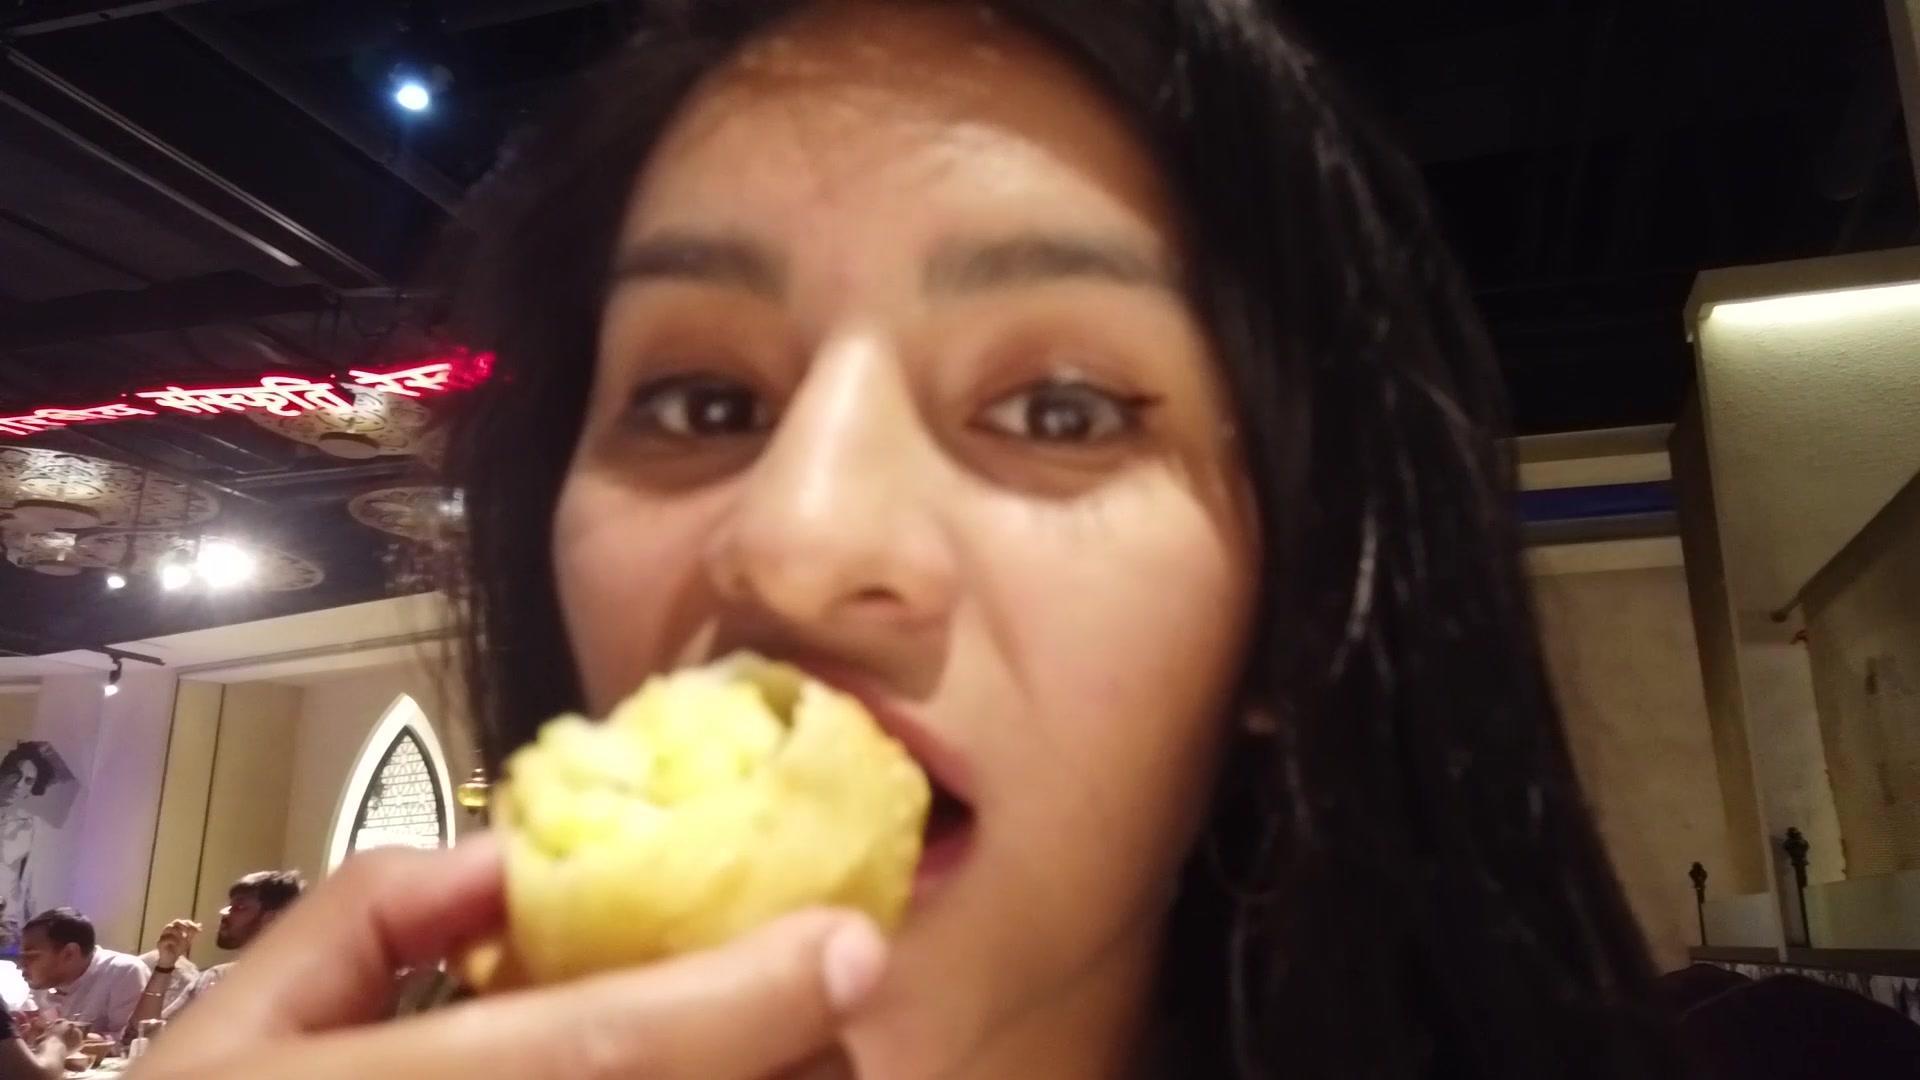 印度餐厅的味道怎么样?秘鲁妹子带你一起去尝鲜,现场大快朵颐